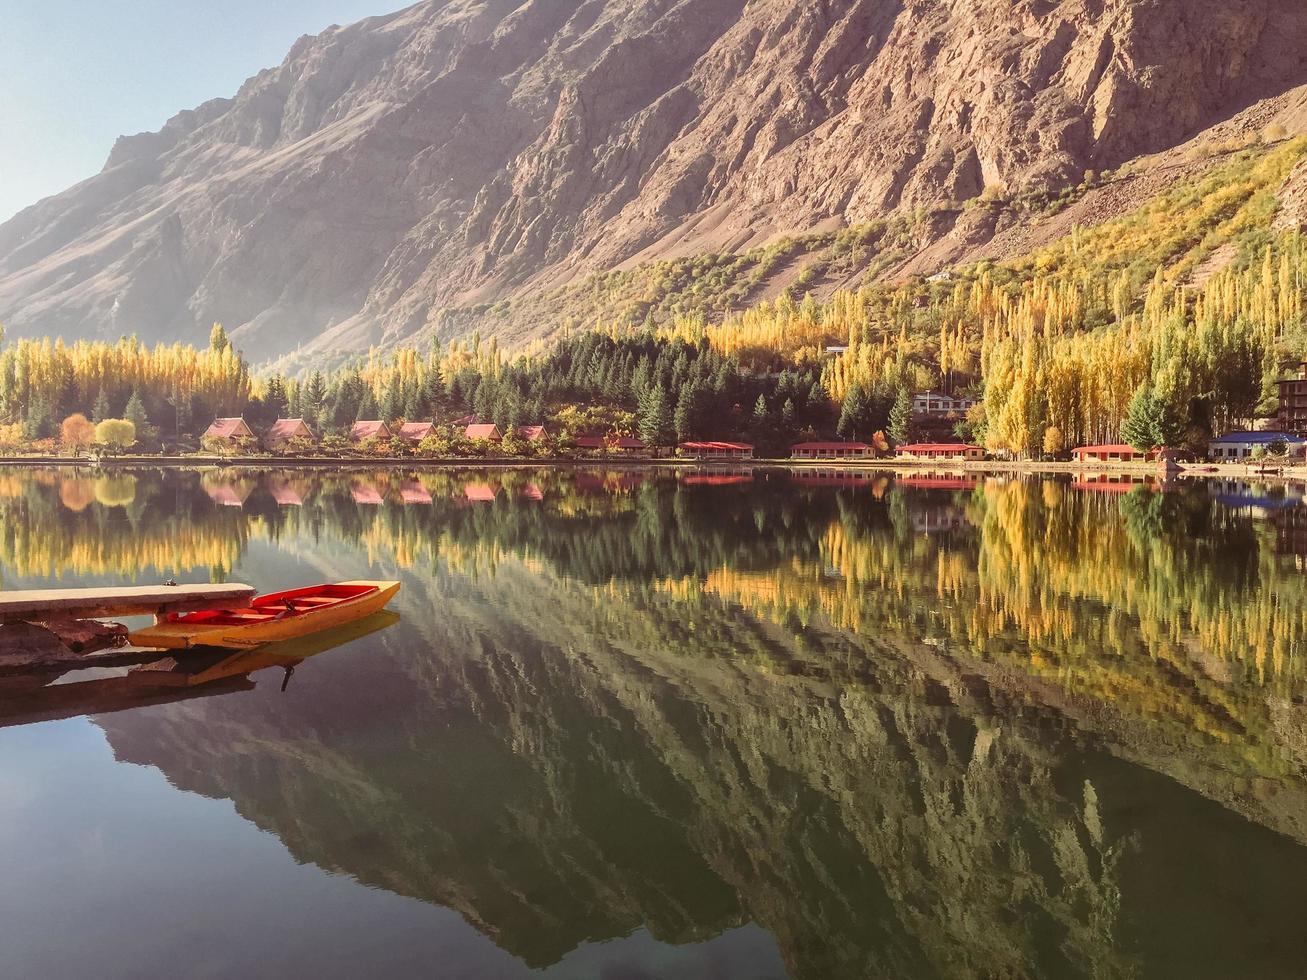 utsikt över dockat båt på stille vatten med berg i bakgrunden foto